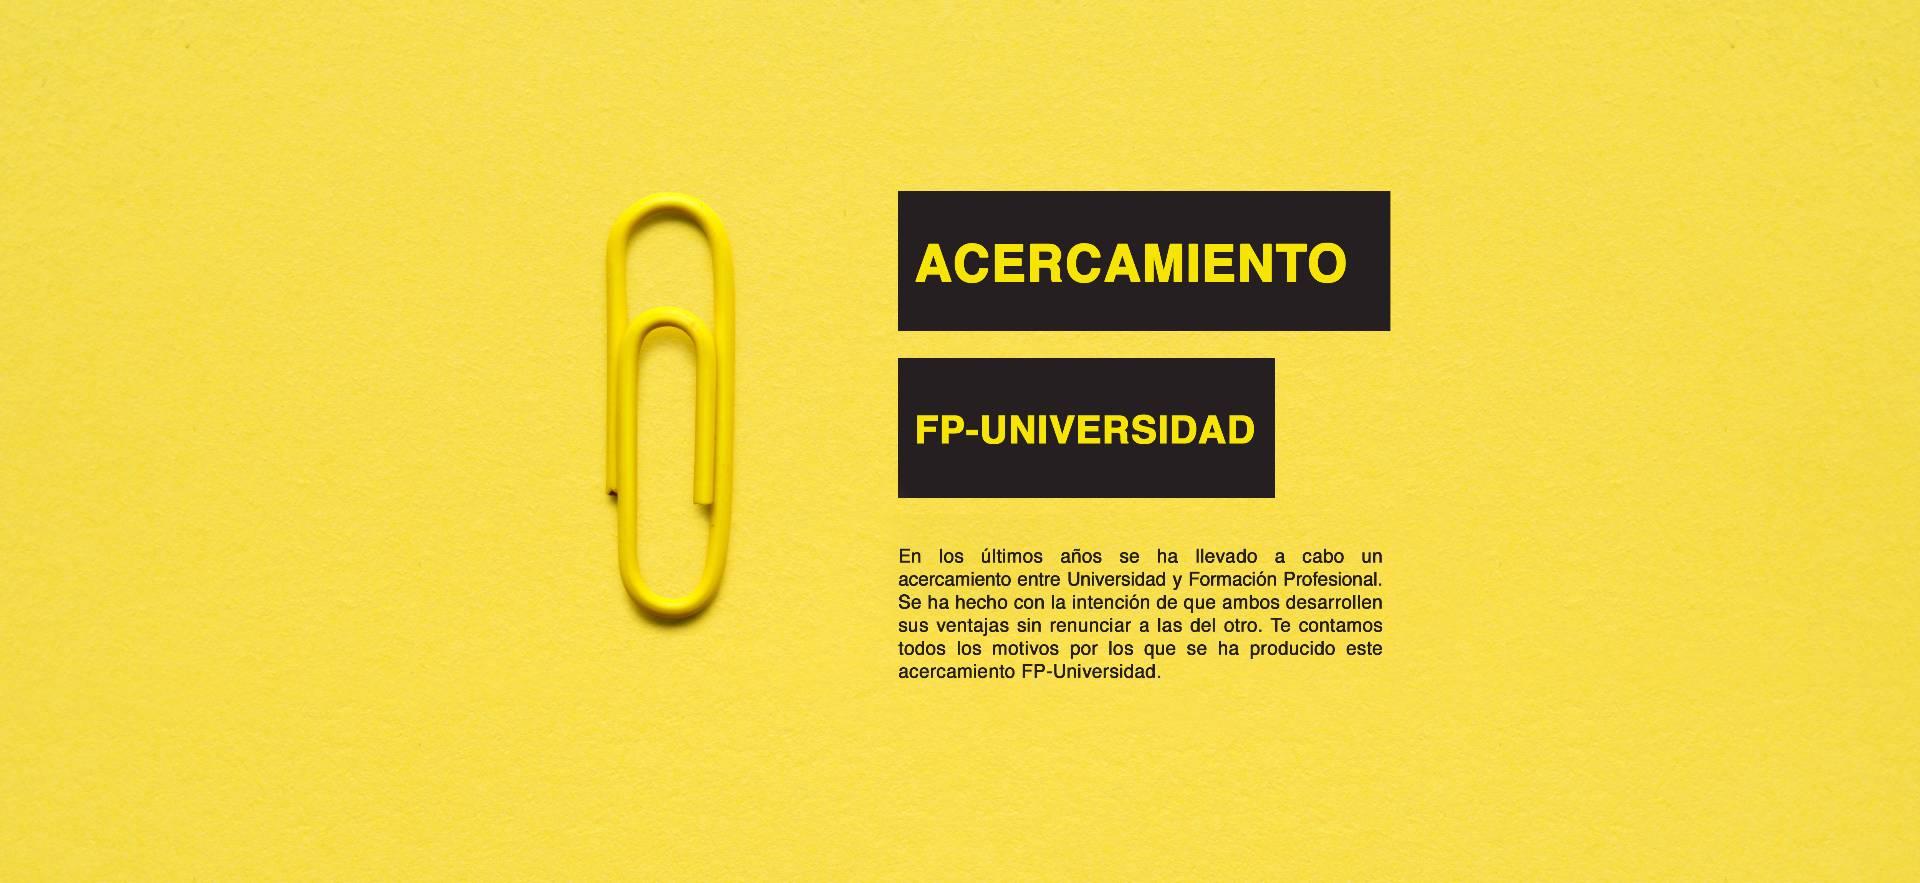 acercamiento fp-universidad 2